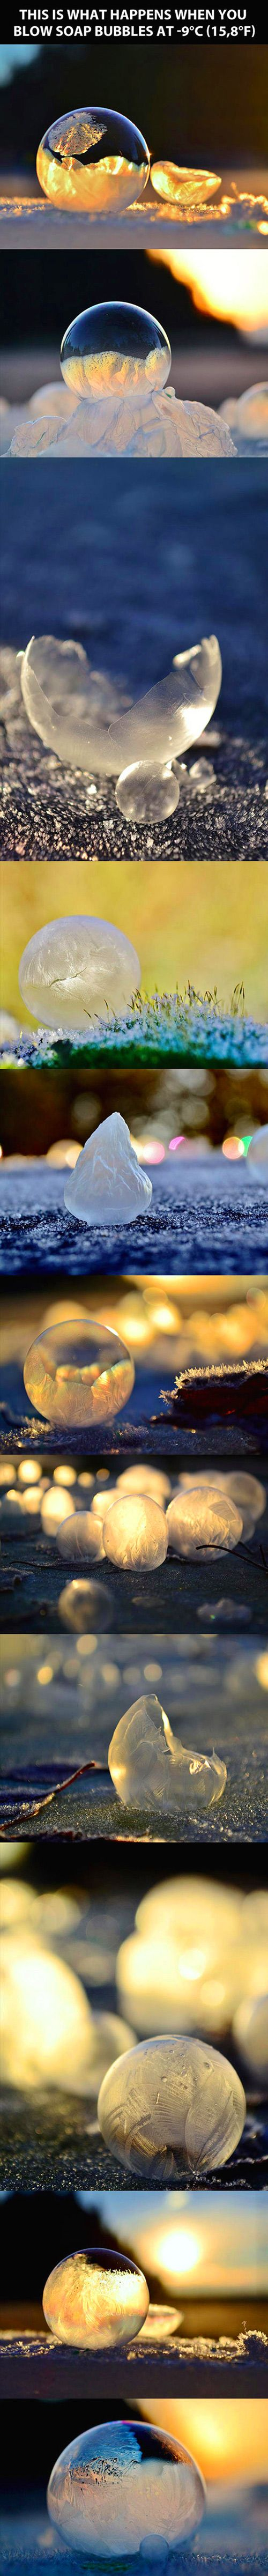 Blowing frozen bubbles.